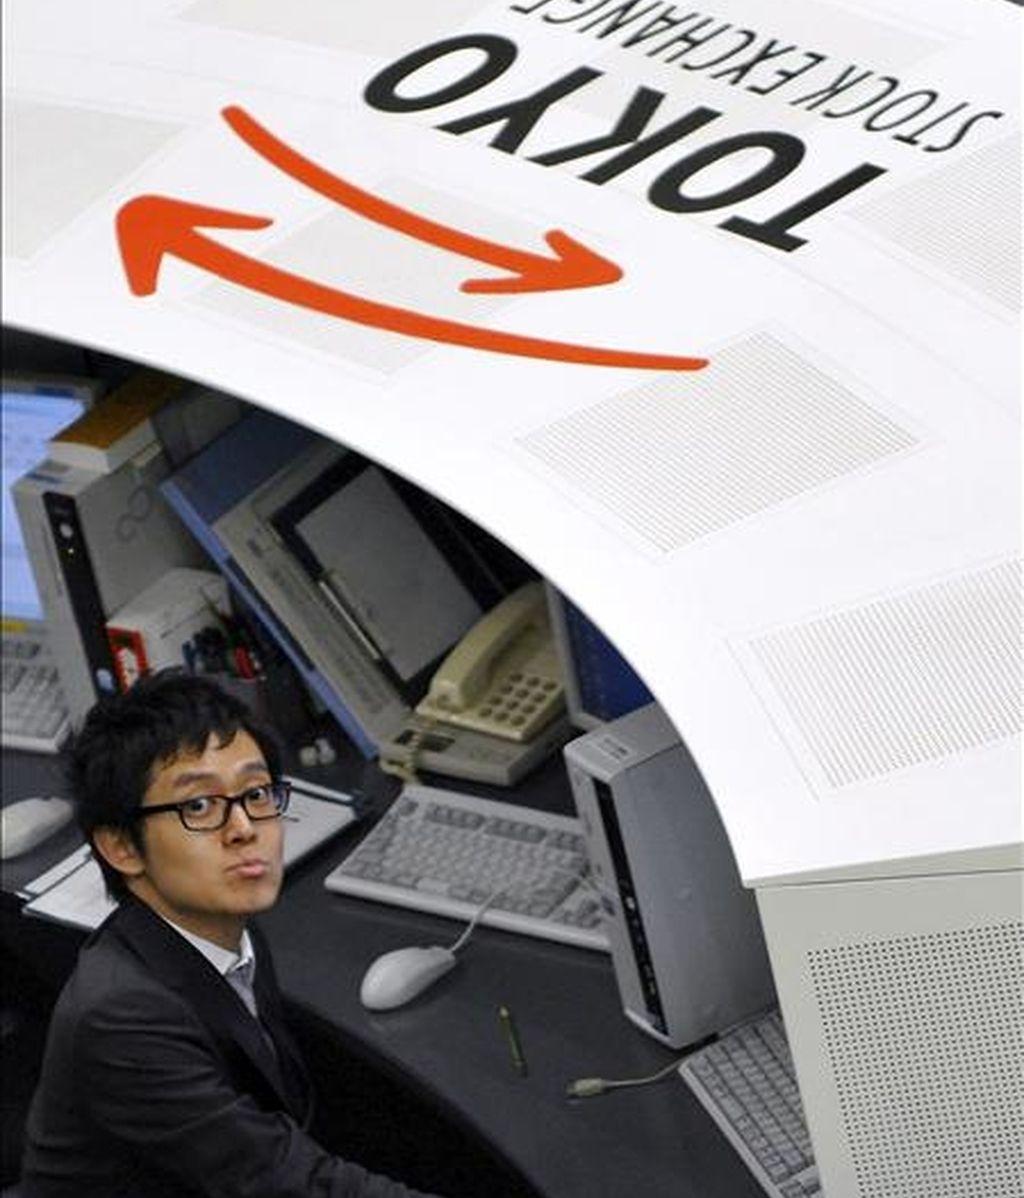 Un agente de la Bolsa de Valores de Tokio trabaja durante la última jornada mercantil del año en Tokio. EFE/Archivo